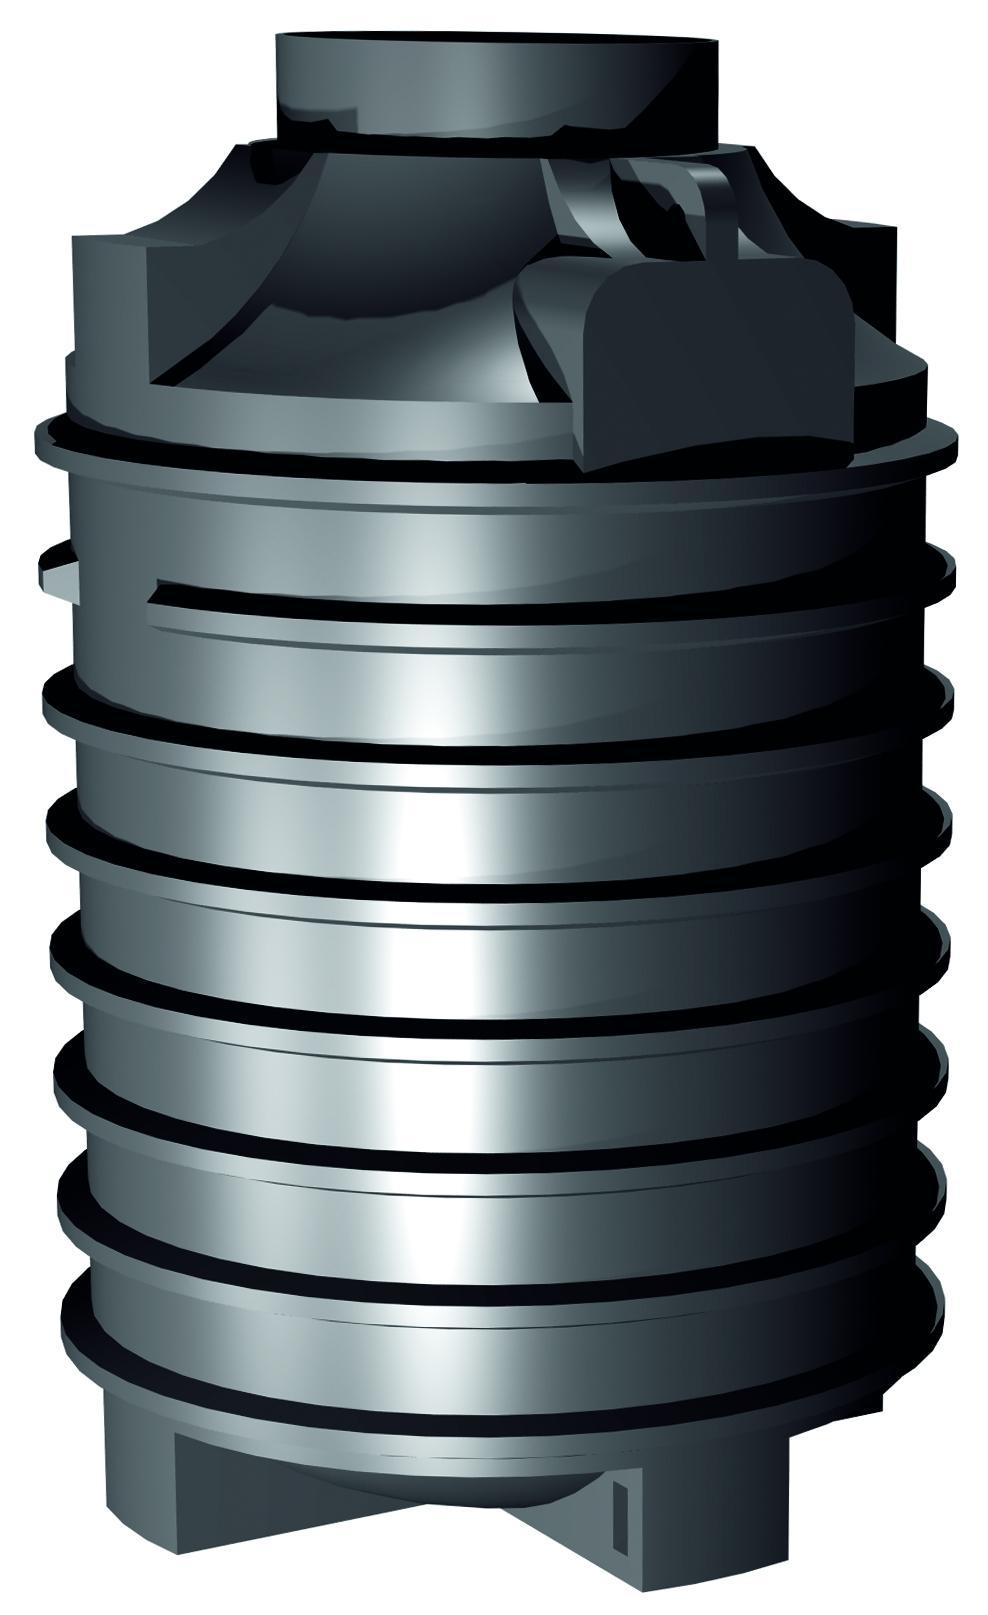 Plastová jímka Ozeanis Schacht 2000 litrů Plastová samonosná jímka na splaškovou nebo dešťovou vodu.